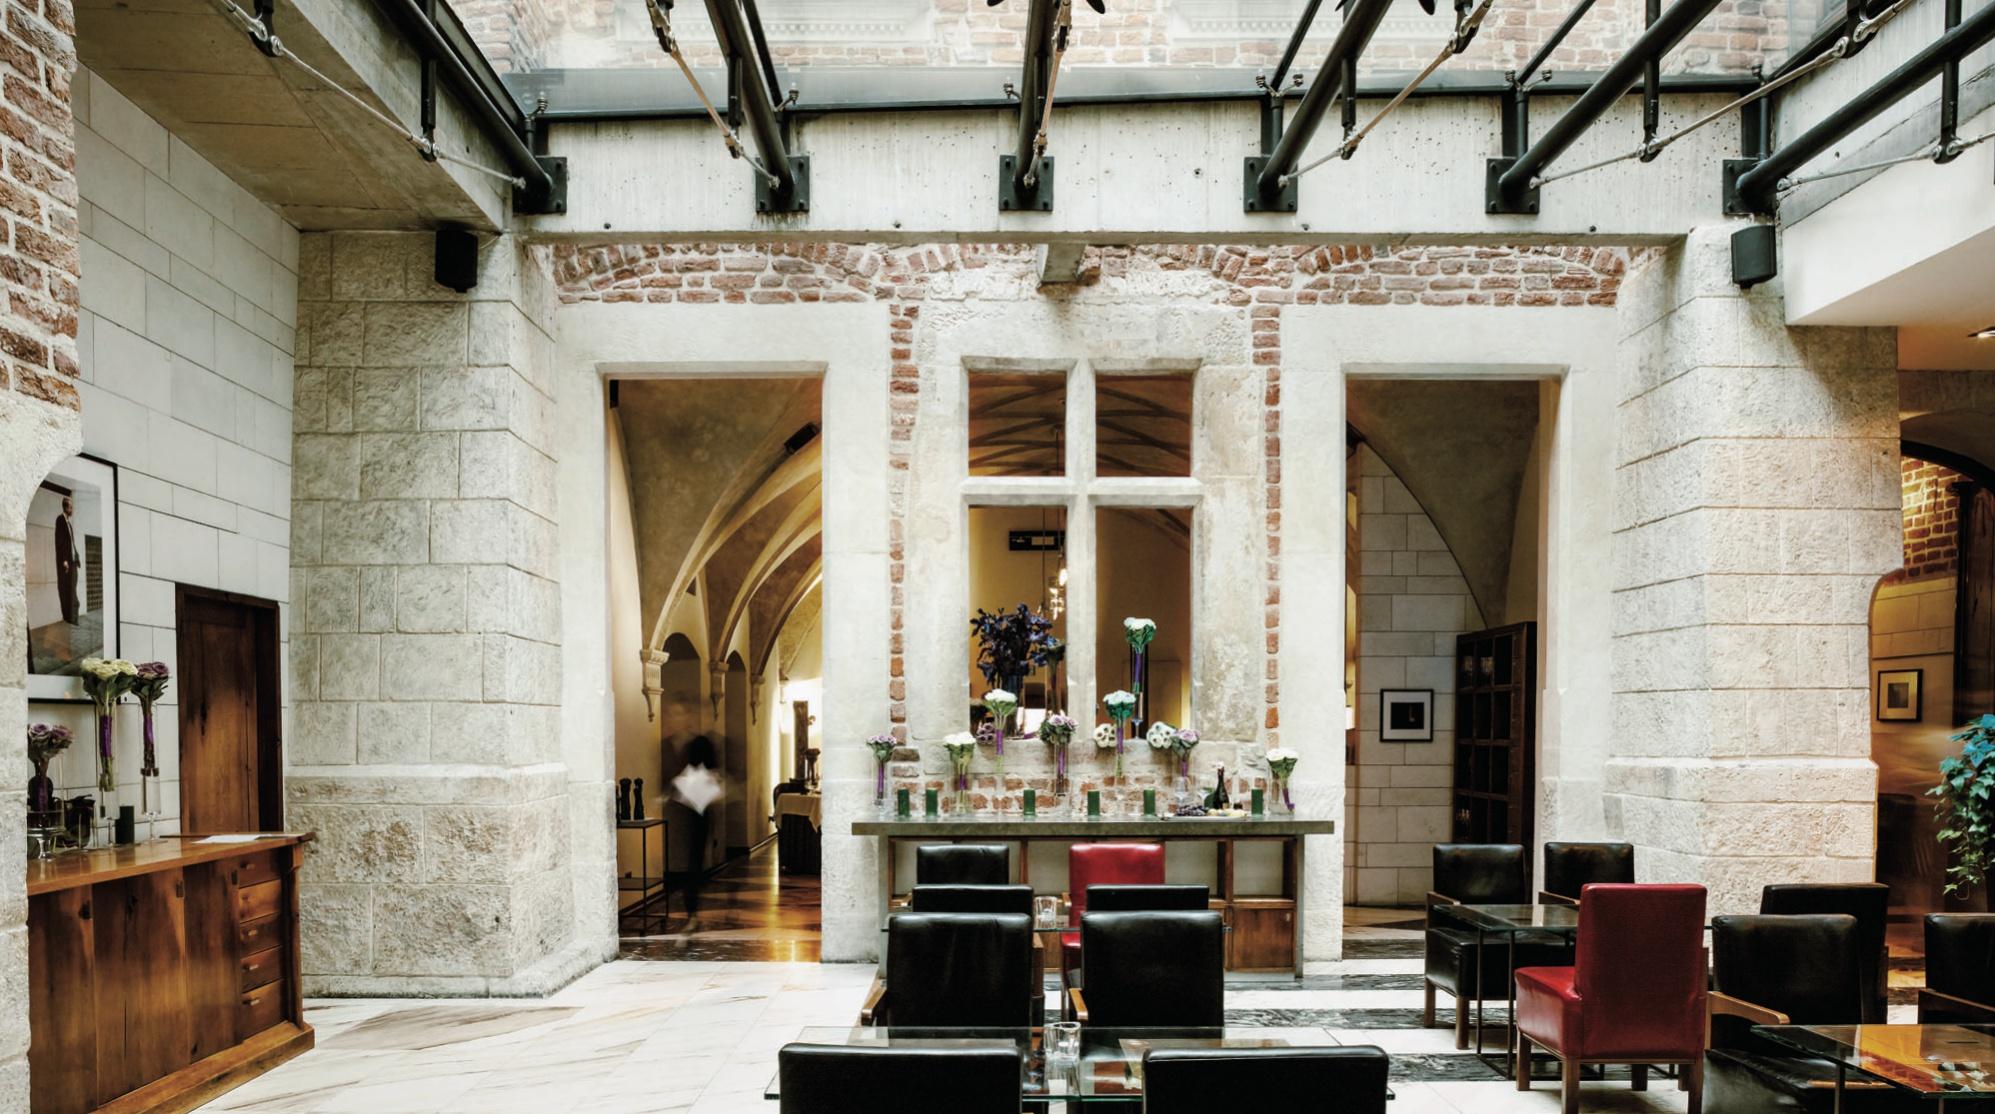 Hotel Stary - przeszłość i przyszłość Krakowa